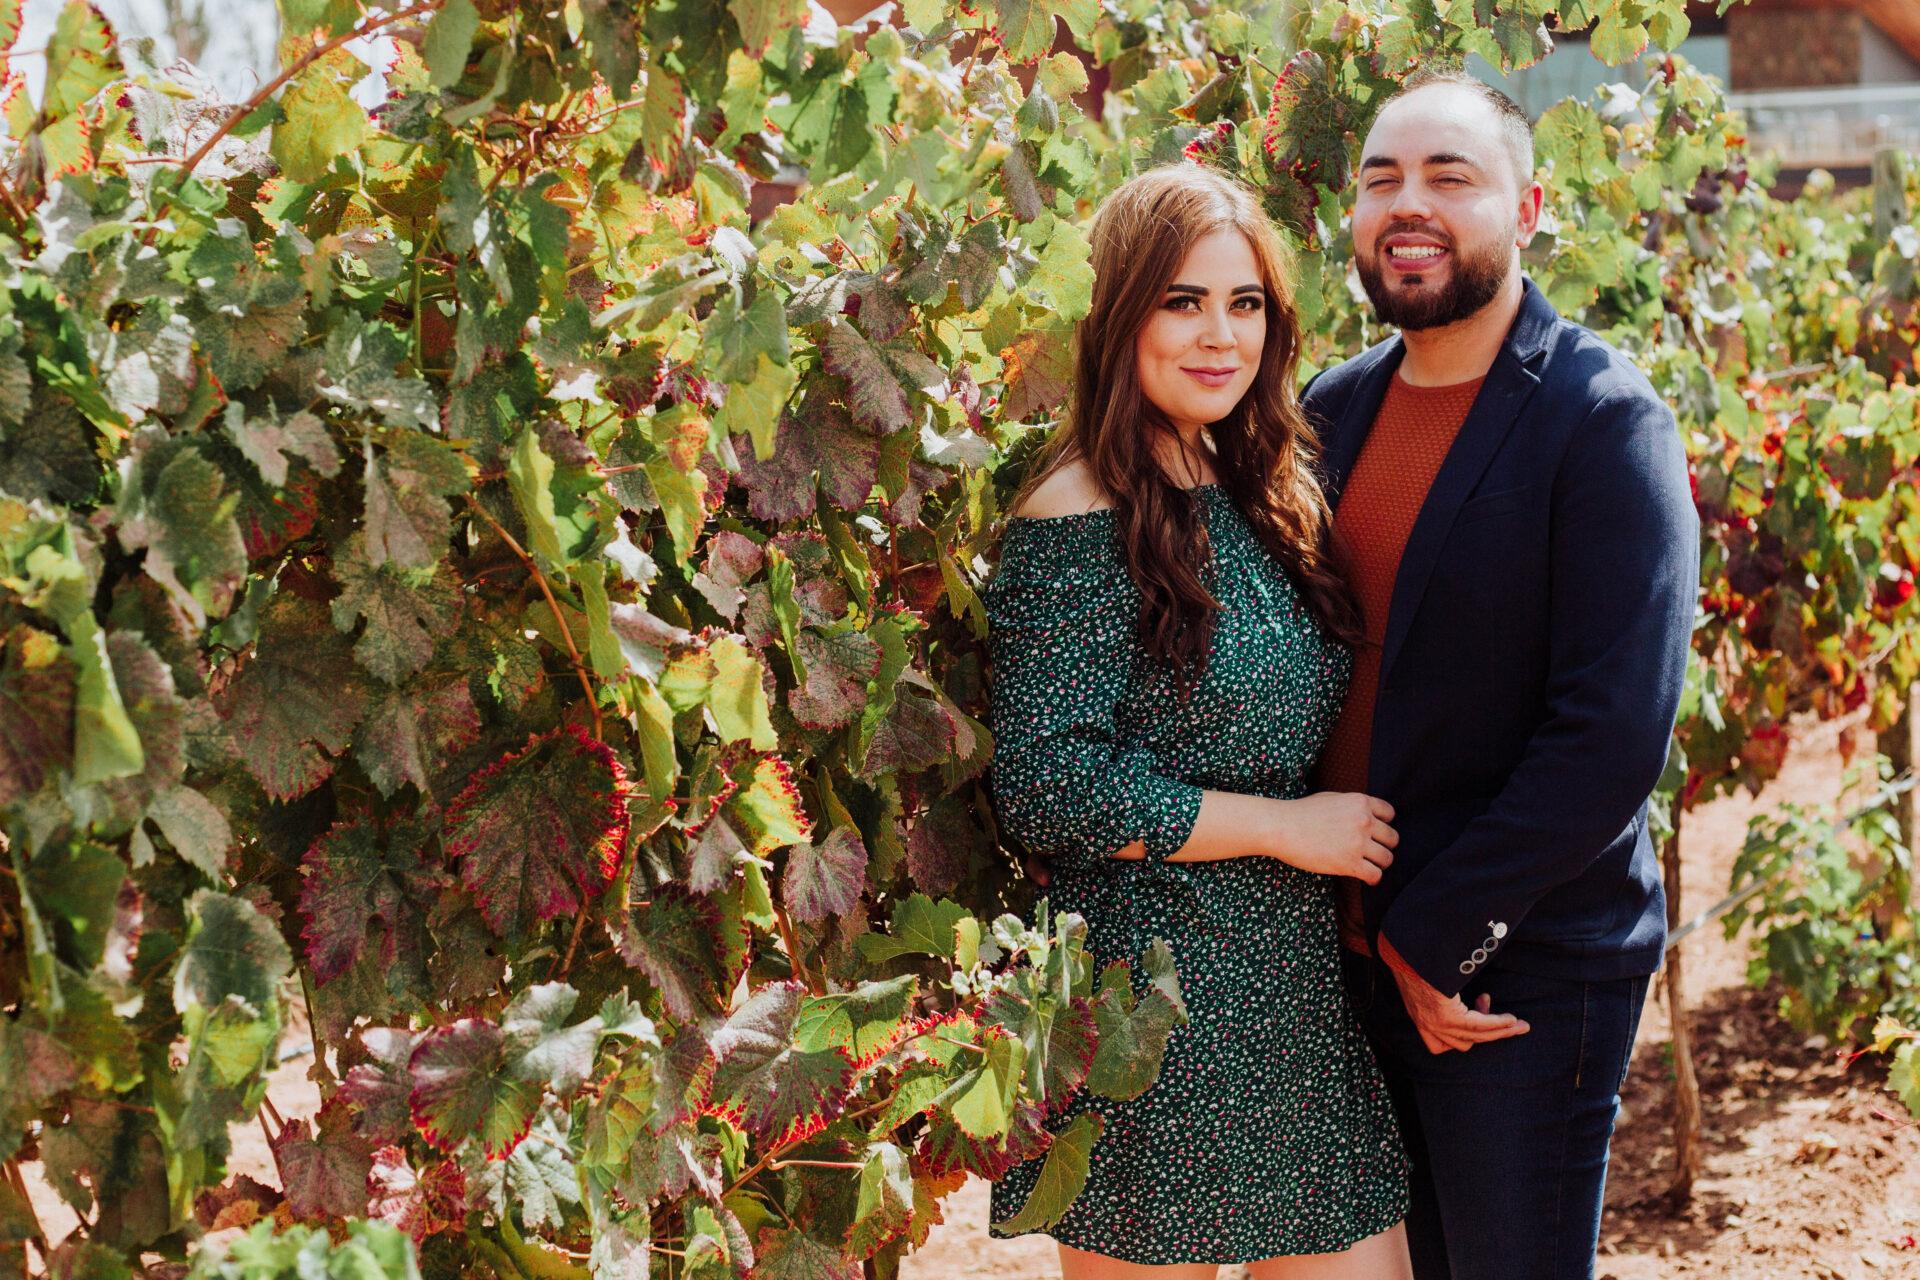 javier_noriega_fotografo_save_the_date_tierra_adentro_zacatecas_wedding_photographer5